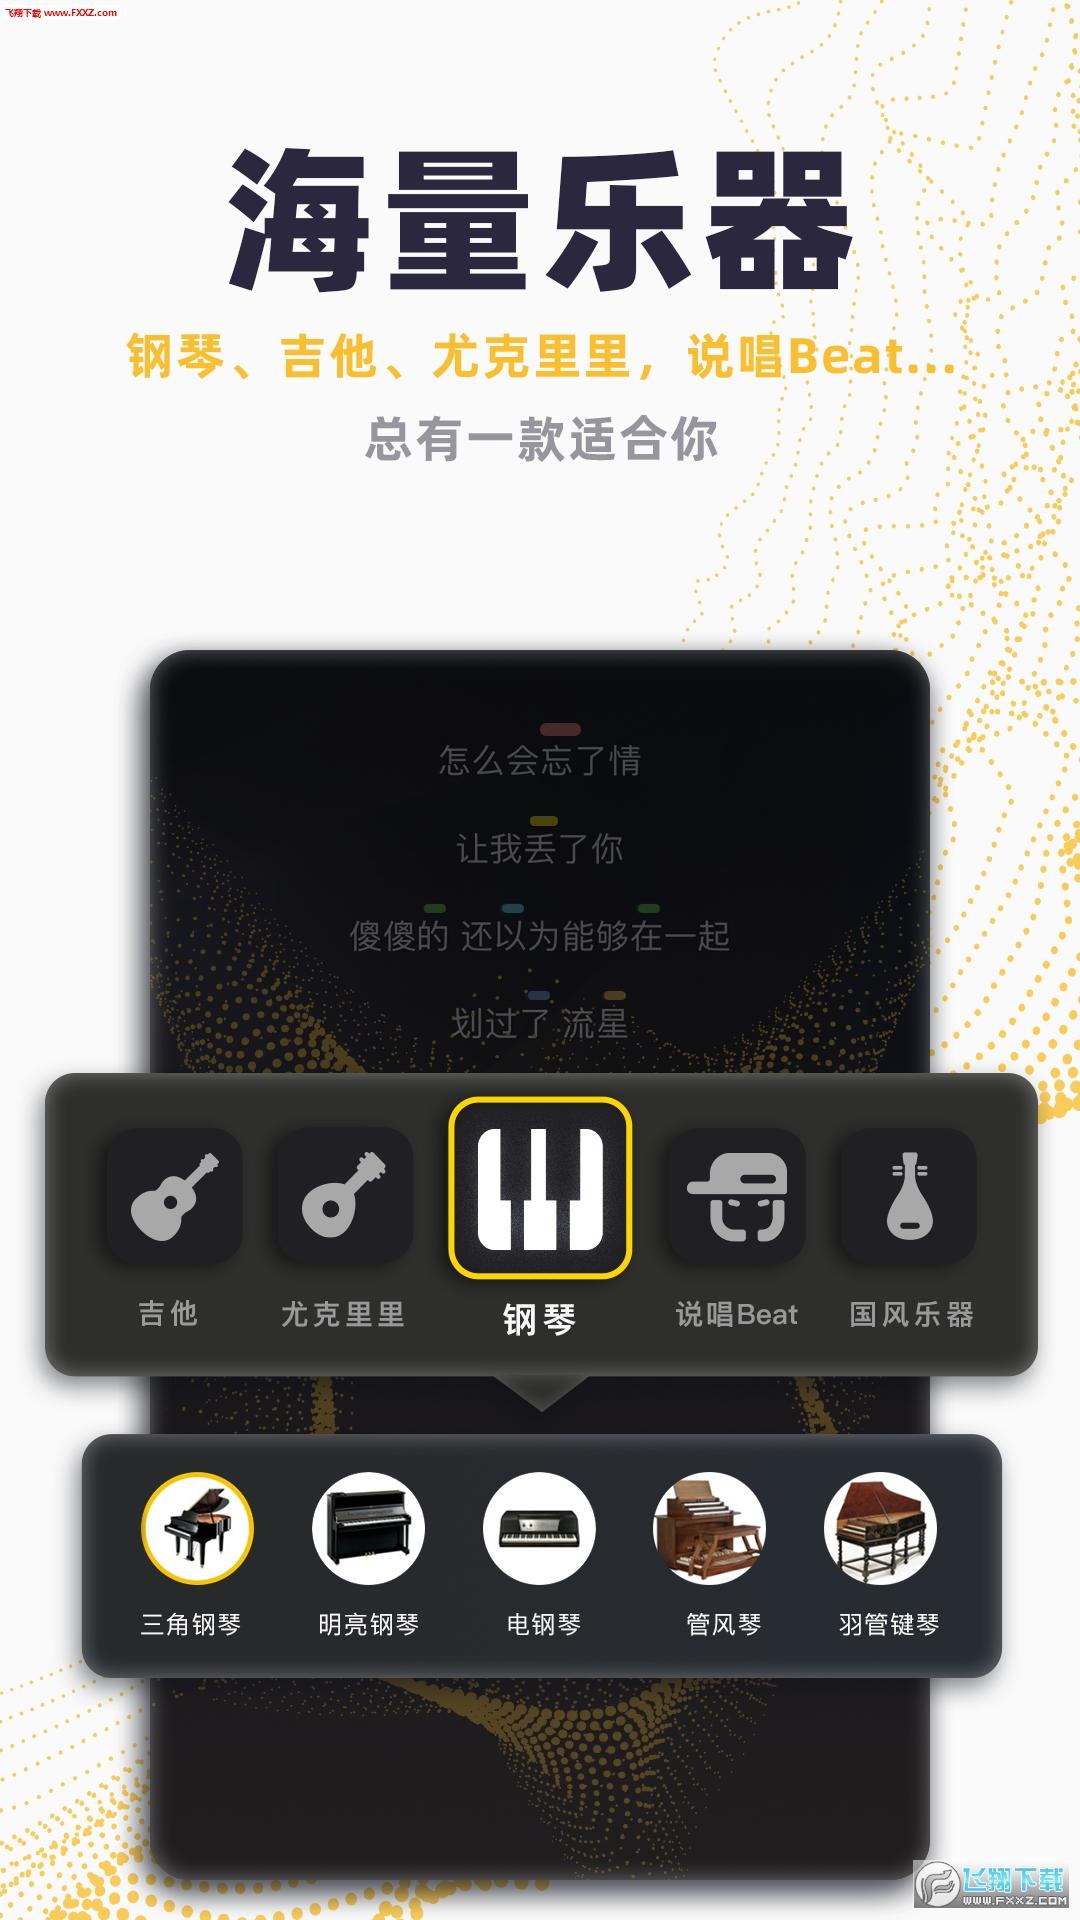 唱鸭弹唱神器app官网版1.22.4.75截图0